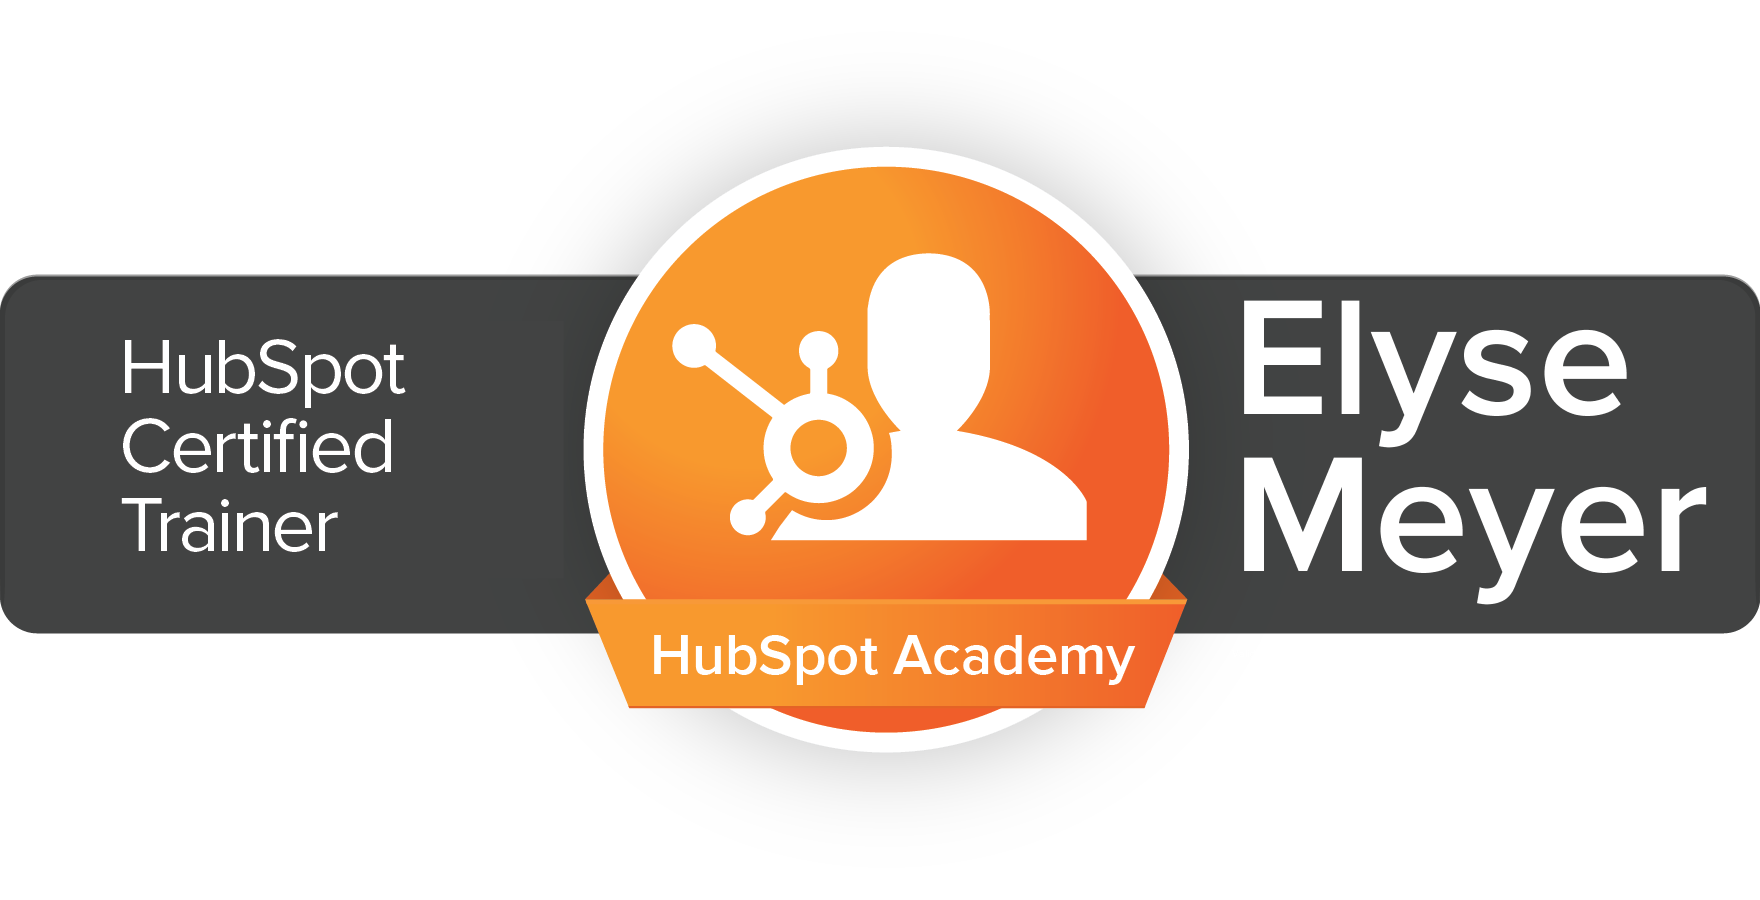 HubSpot_Certified_Trainer